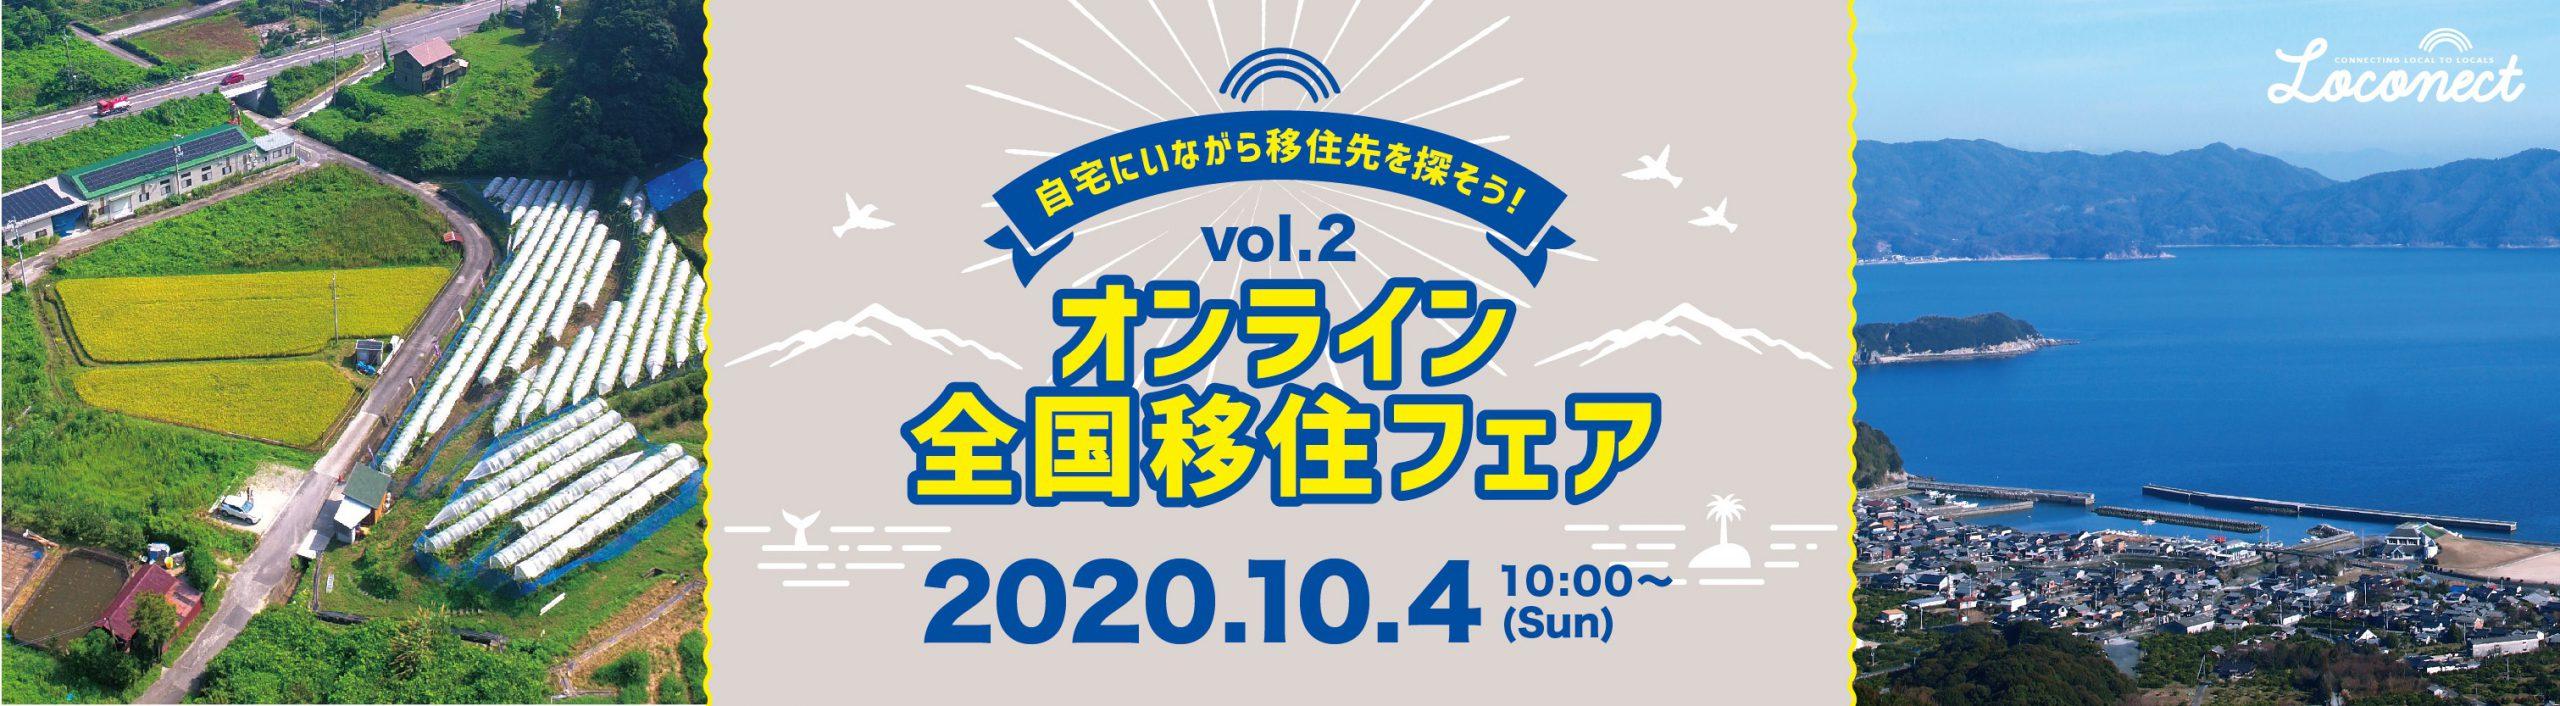 [久米島町]移住イベント「オンライン全国移住フェア」へ出展!